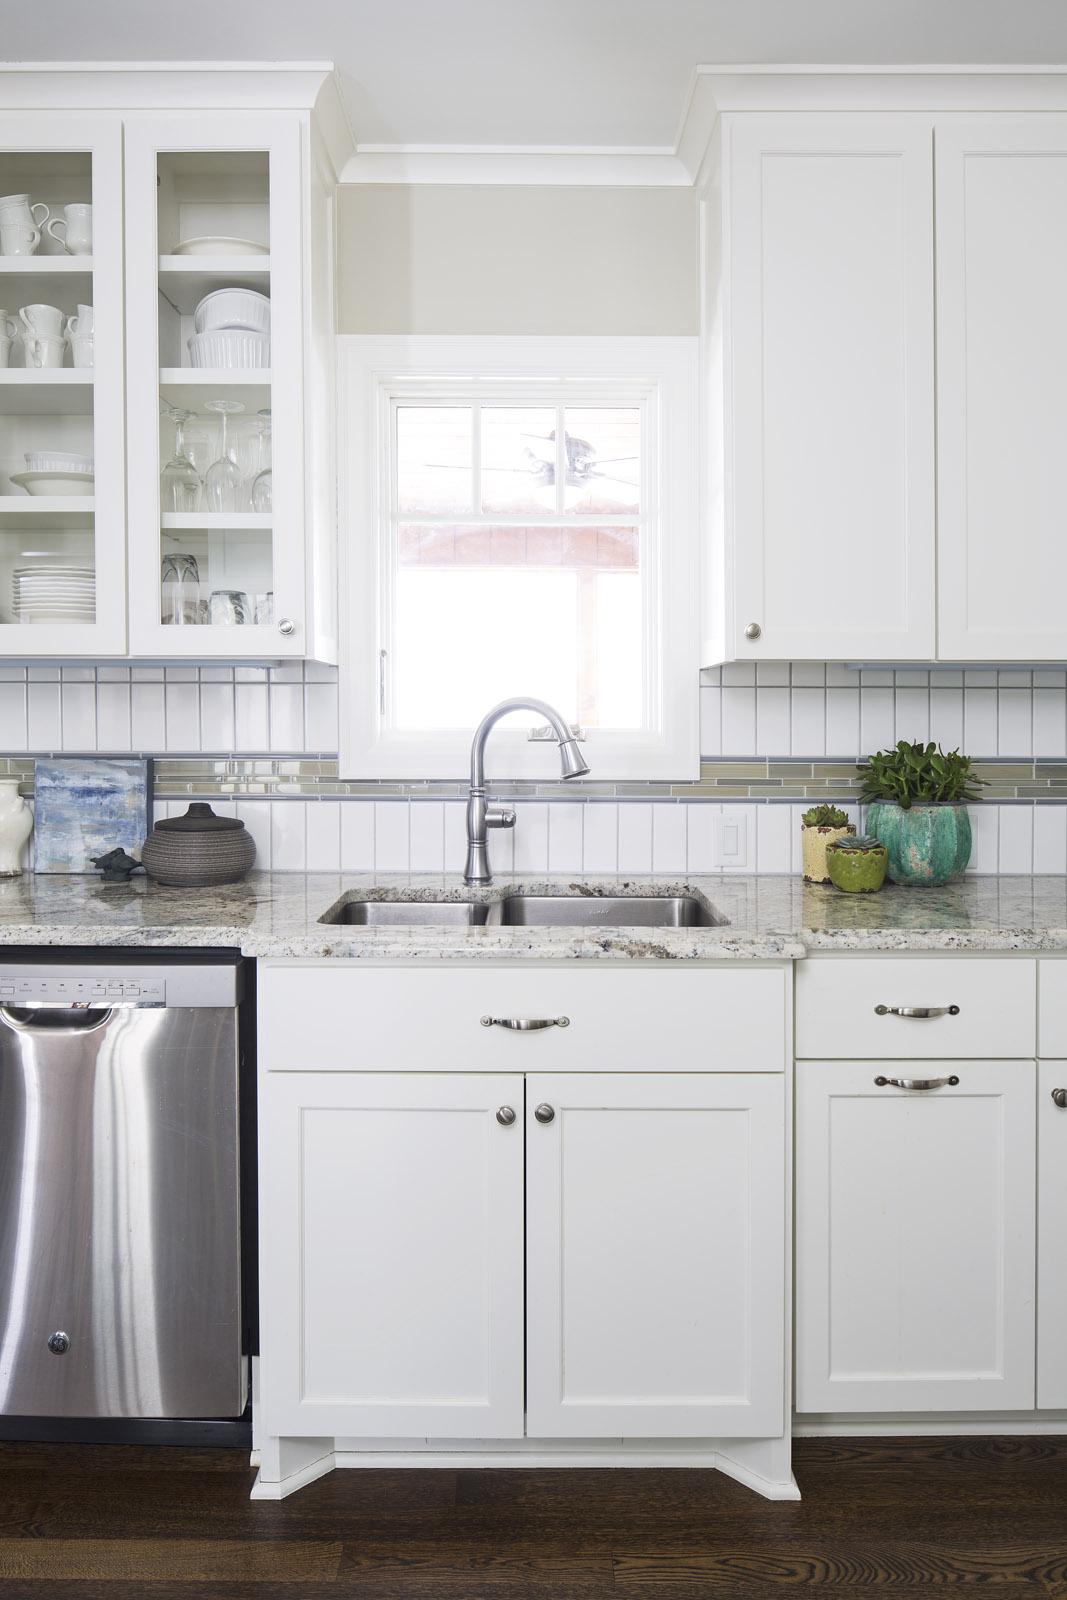 img_herrick-design-kitchen_sink_X